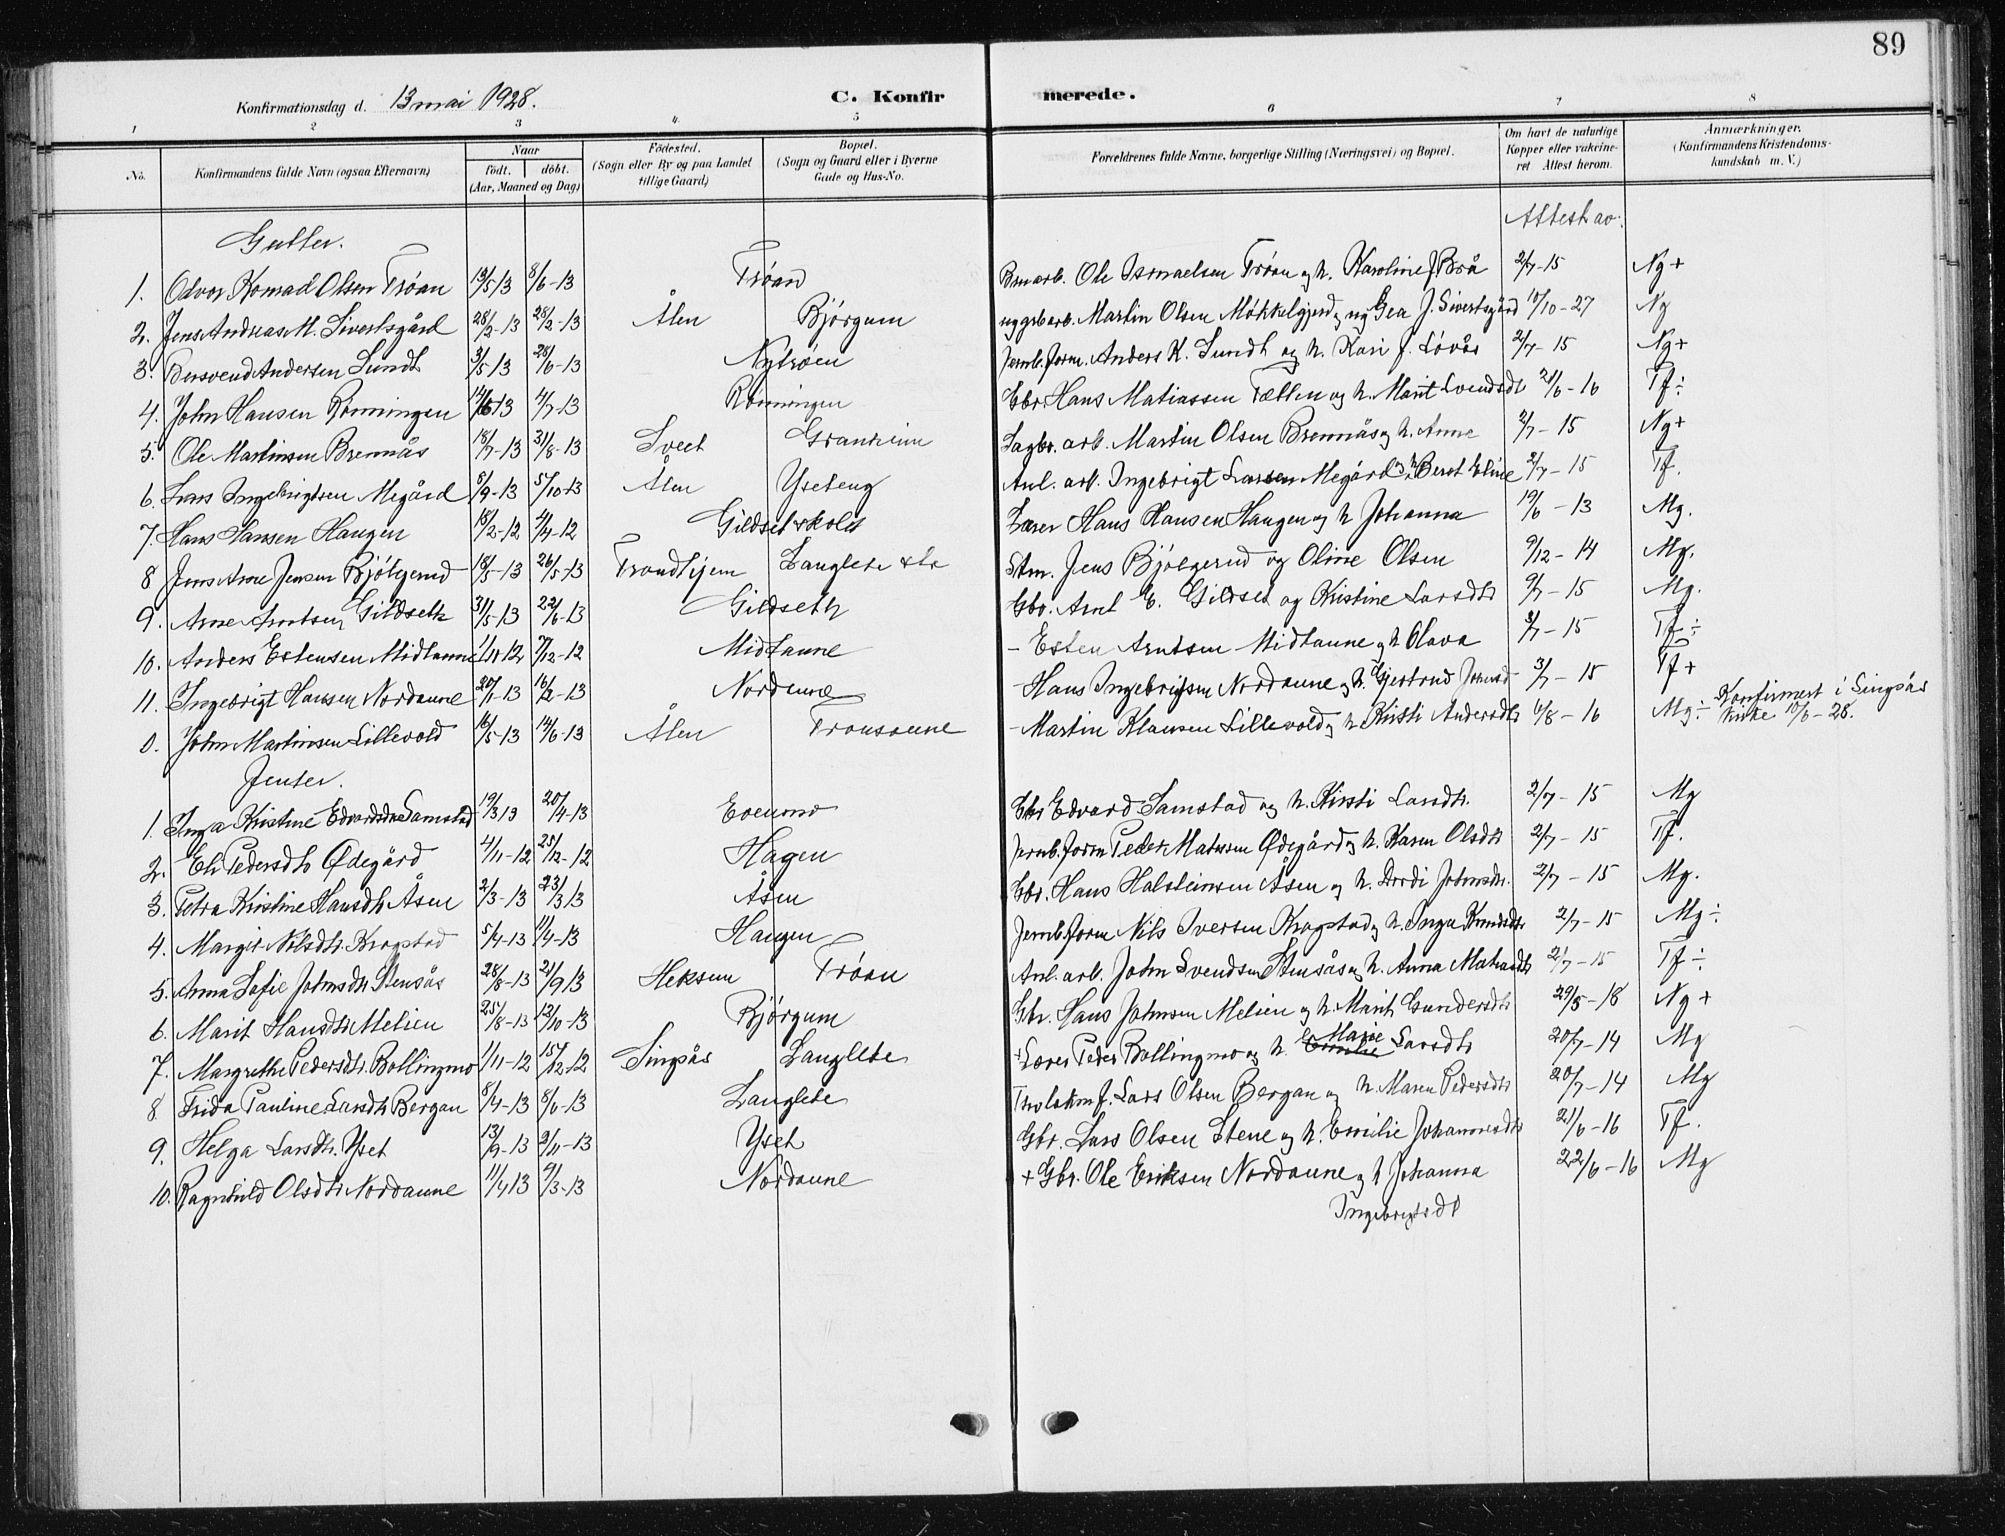 SAT, Ministerialprotokoller, klokkerbøker og fødselsregistre - Sør-Trøndelag, 685/L0979: Klokkerbok nr. 685C04, 1908-1933, s. 89